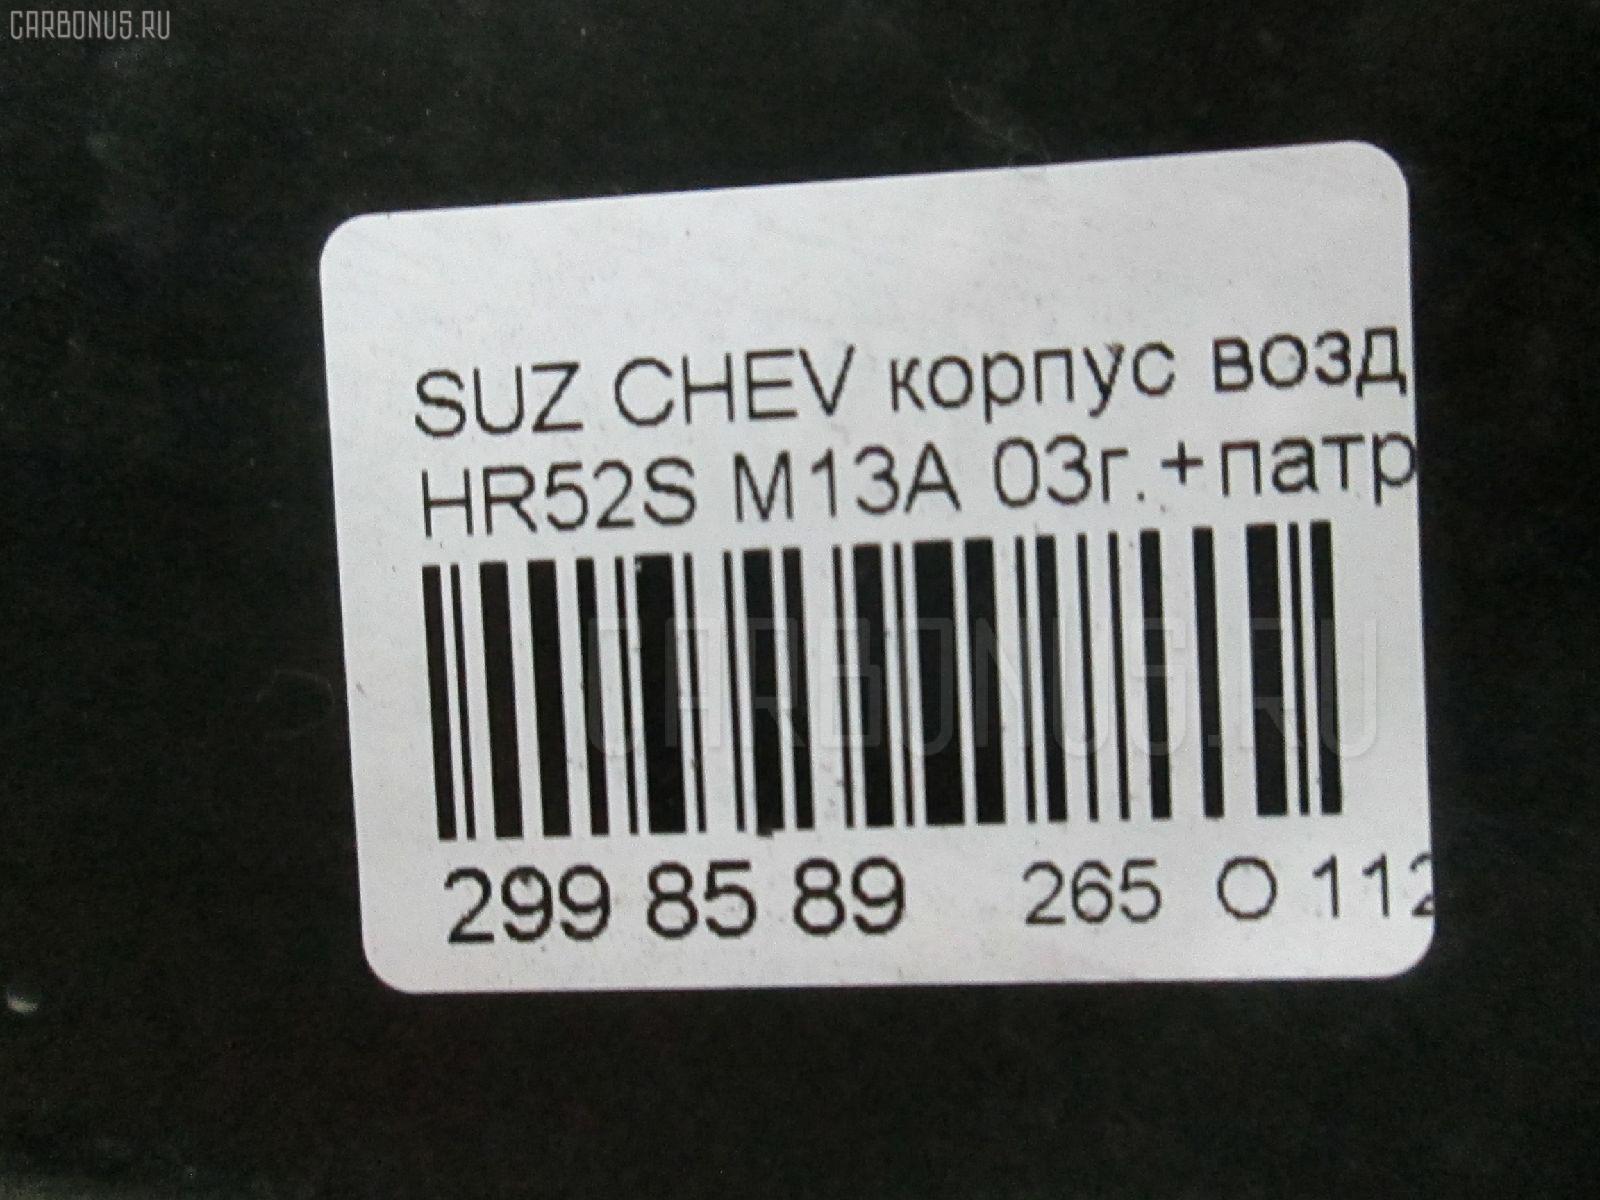 Корпус воздушного фильтра SUZUKI CHEVROLET CRUZE HR52S M13A Фото 8